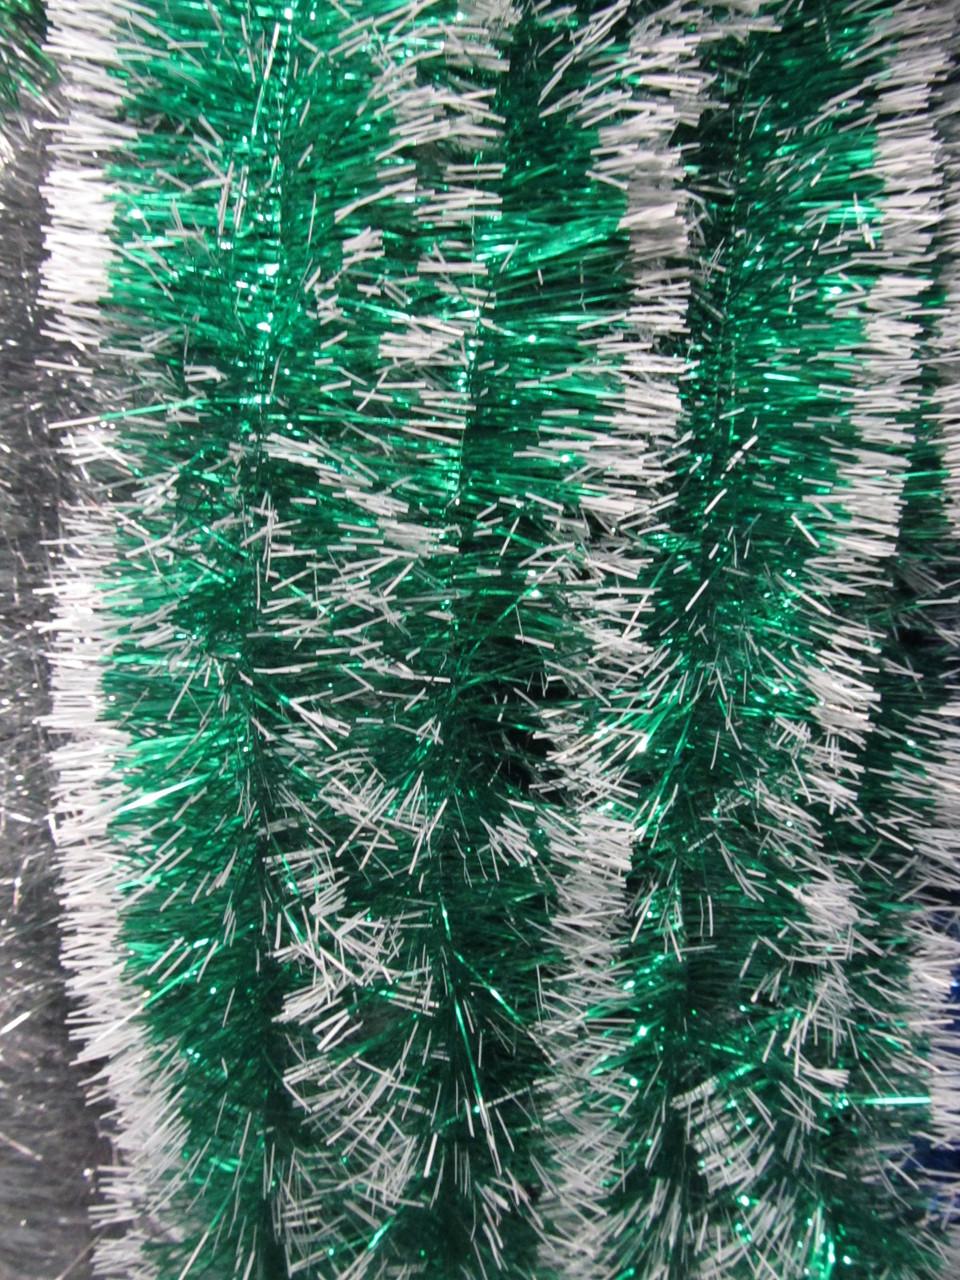 10 см диаметр Мишура дождик Зеленый с белыми кончиками, Длина 3 метра